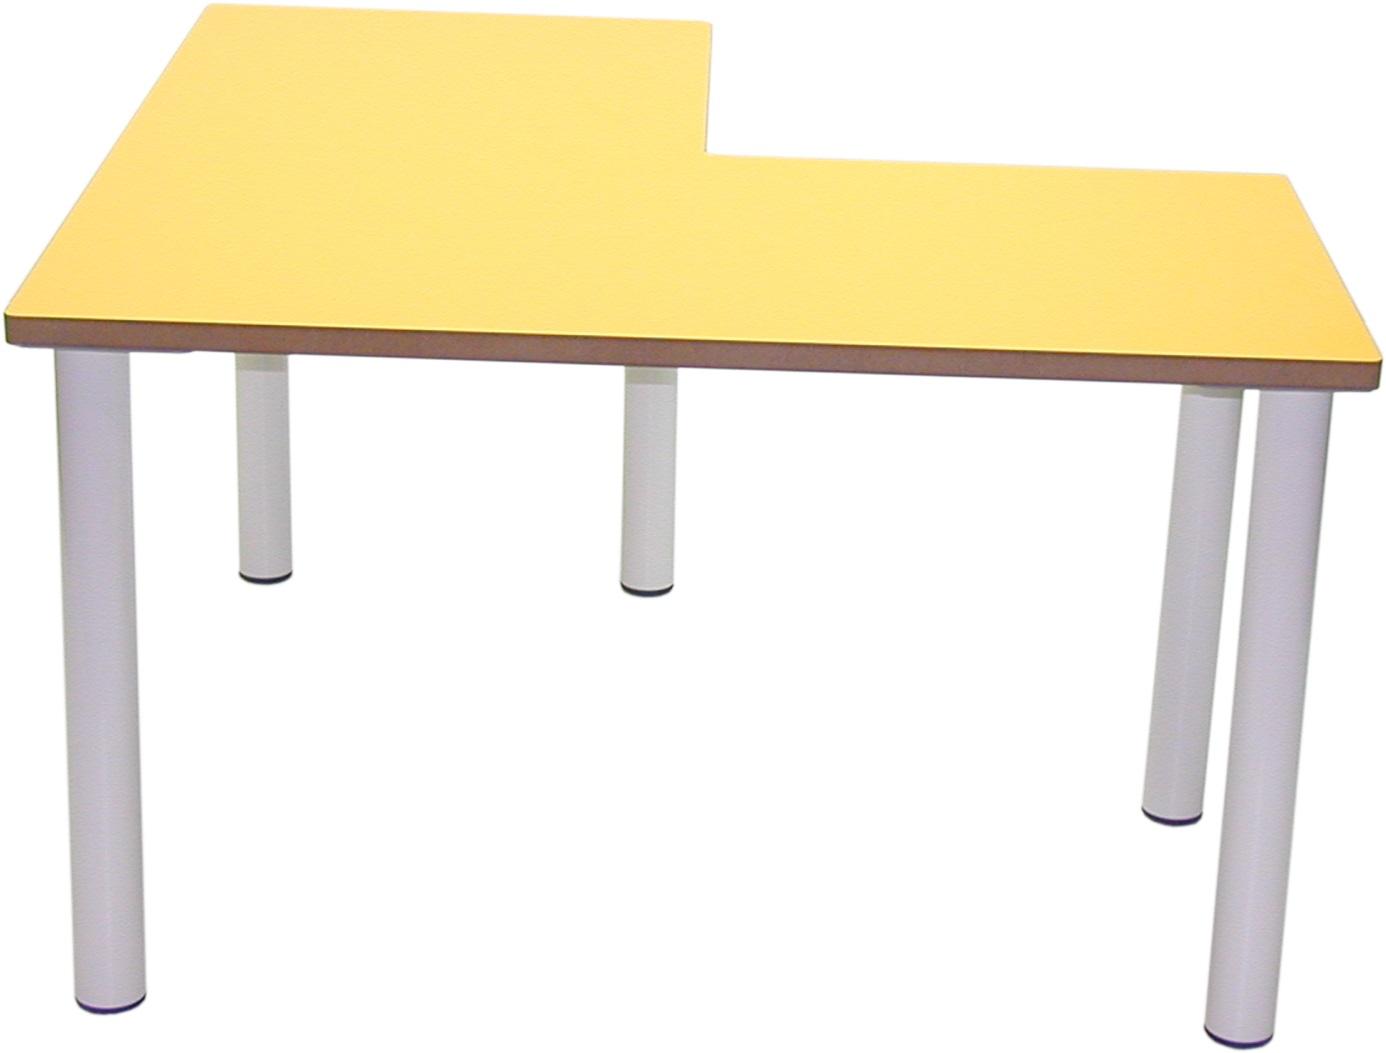 Patas Metalicas Para Muebles : Mesa infantil en l para guarderías y escuelas infantiles chupi